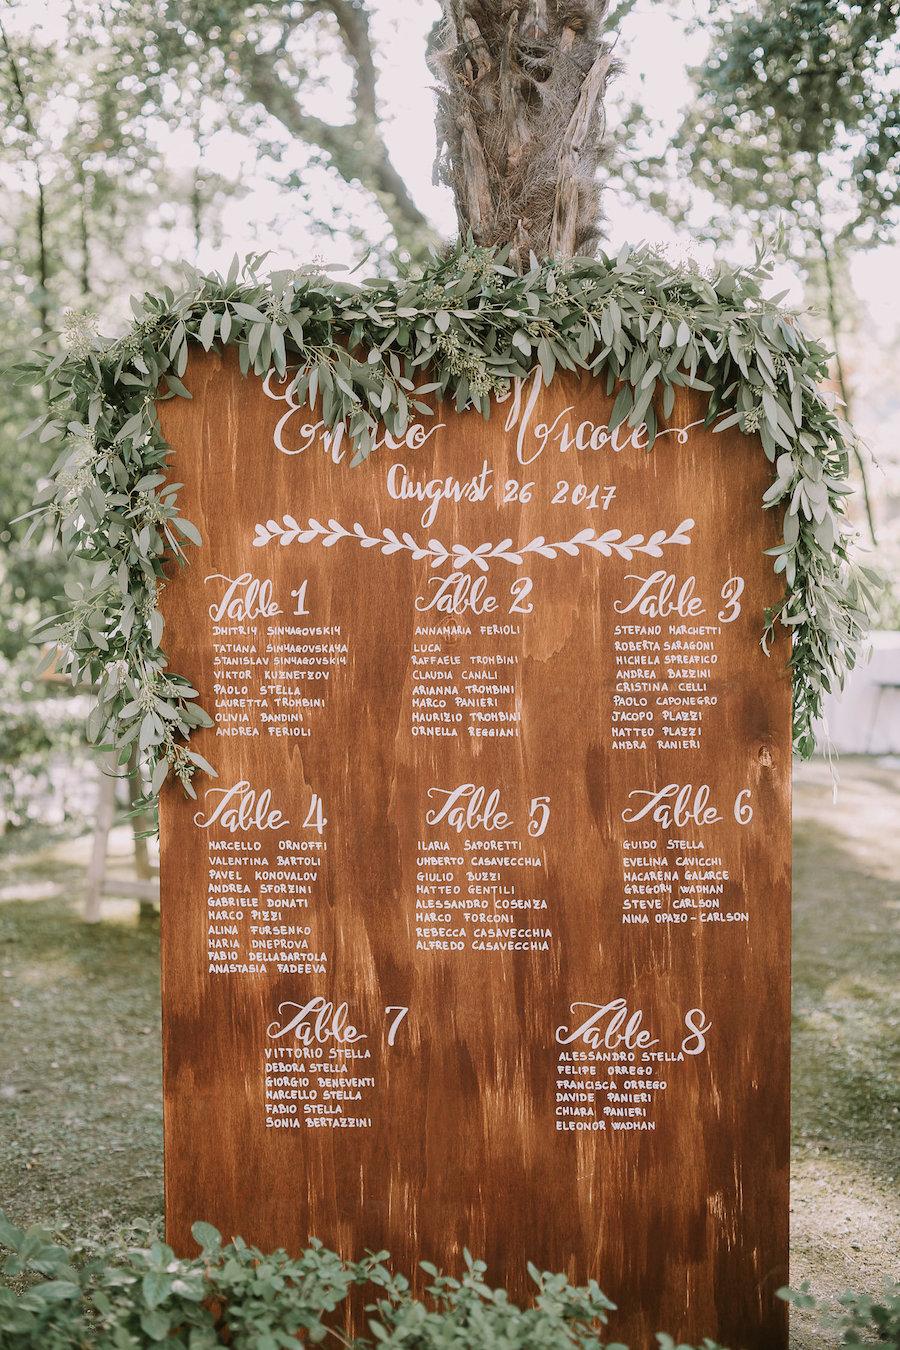 tableau de mariage calligrafico con foliage